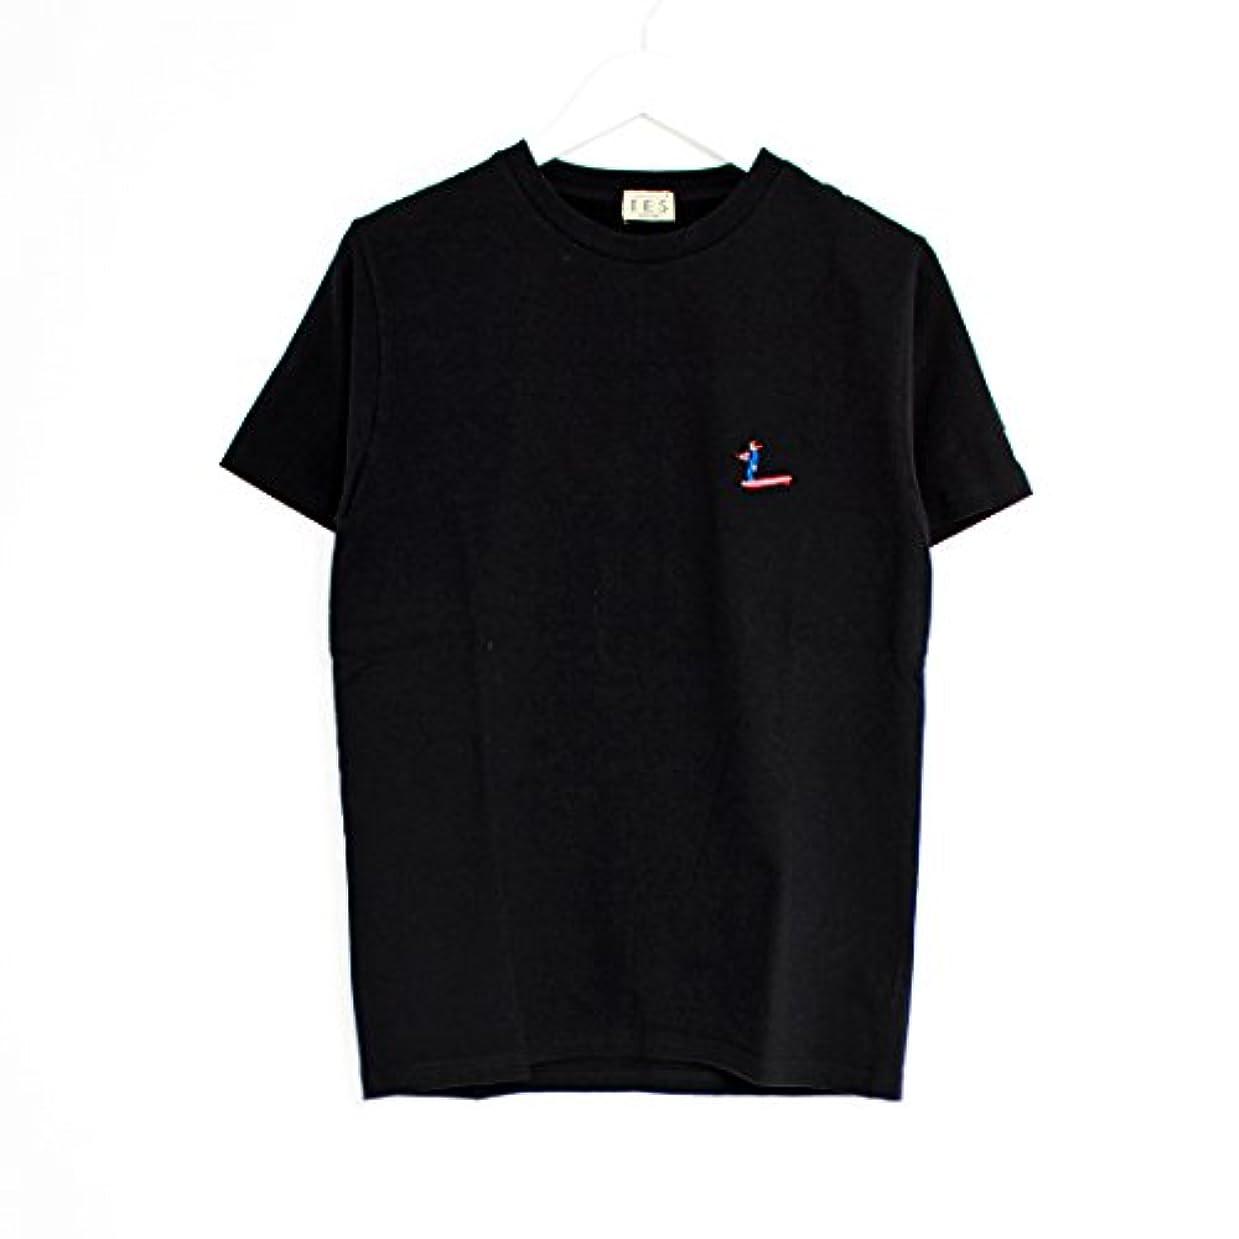 クレーン手のひら言い聞かせる(エンドレスサマー) The Endless Summer 別注 TES ワンポイント刺繍Tシャツ [FH-8574504]